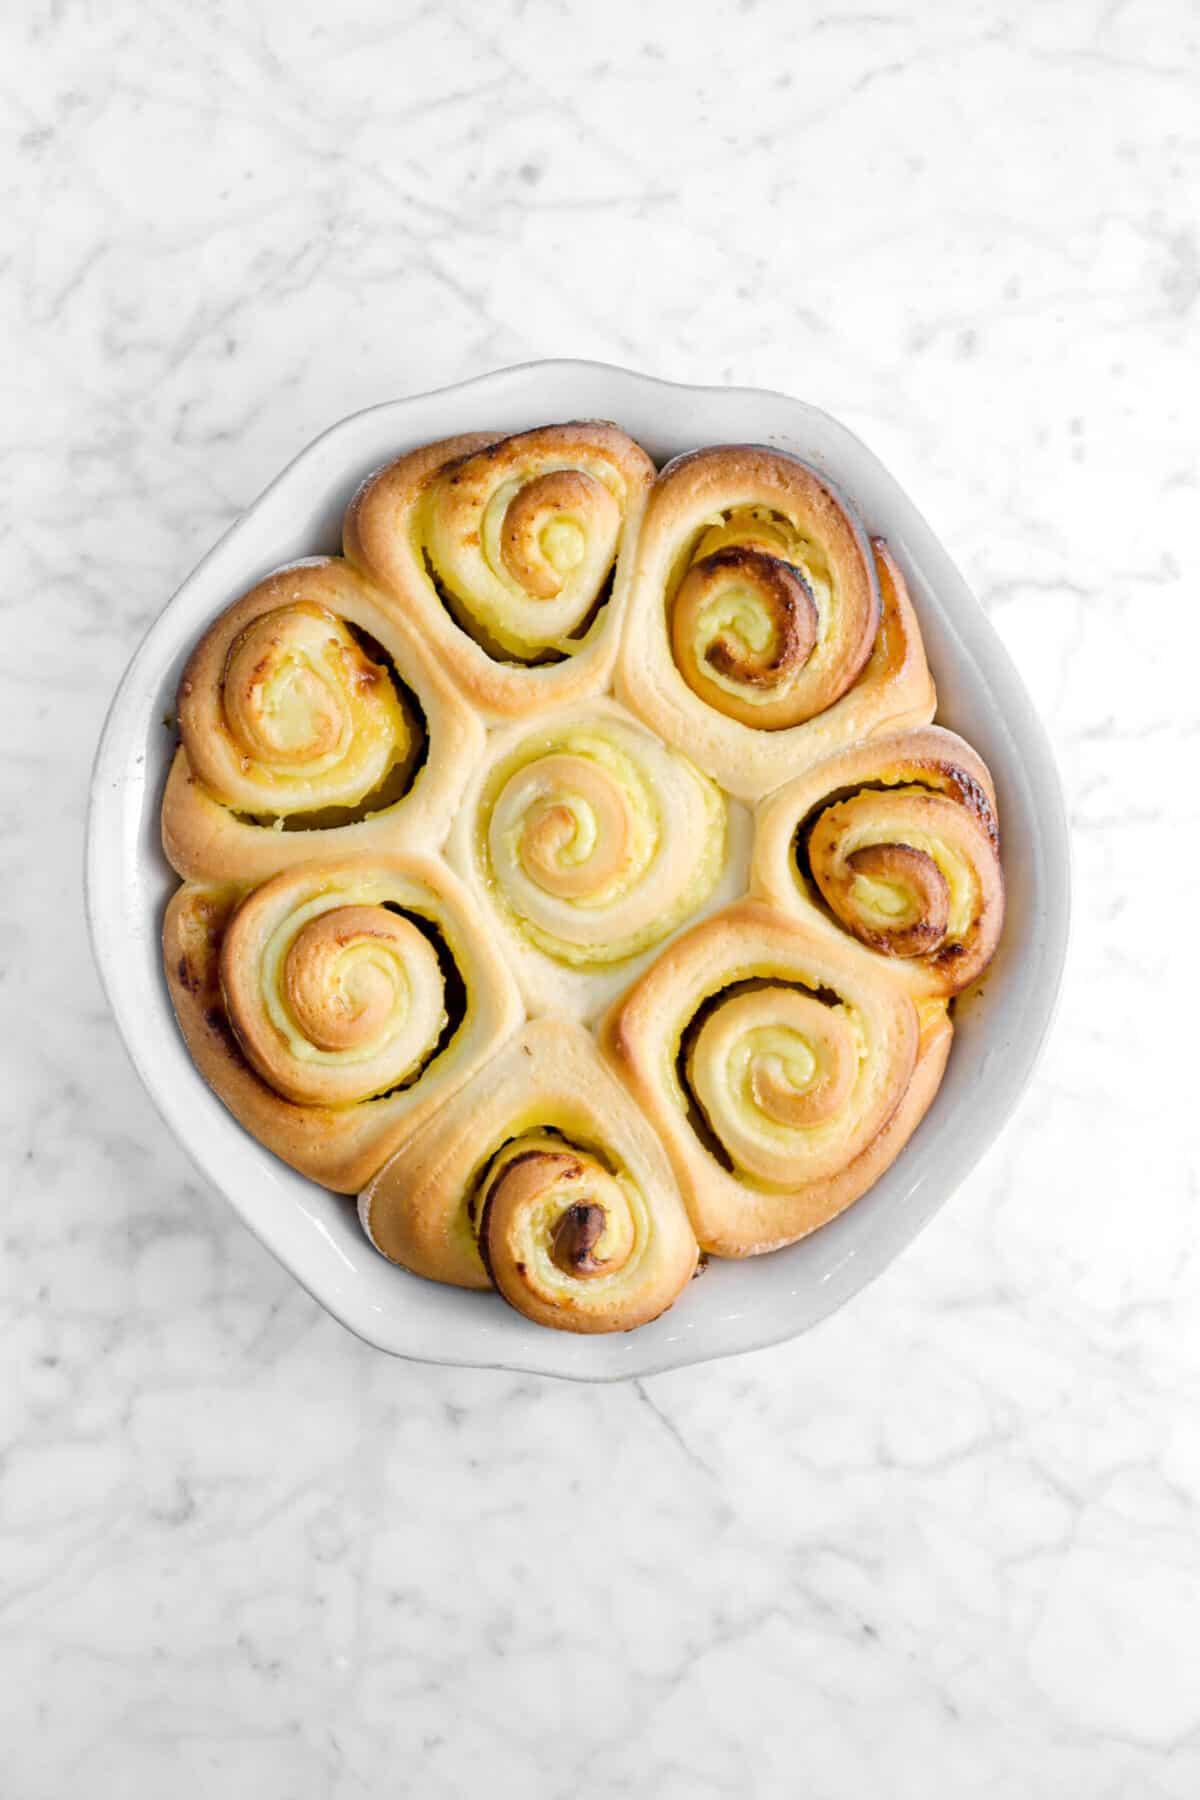 baked lemon rolls in pie pan